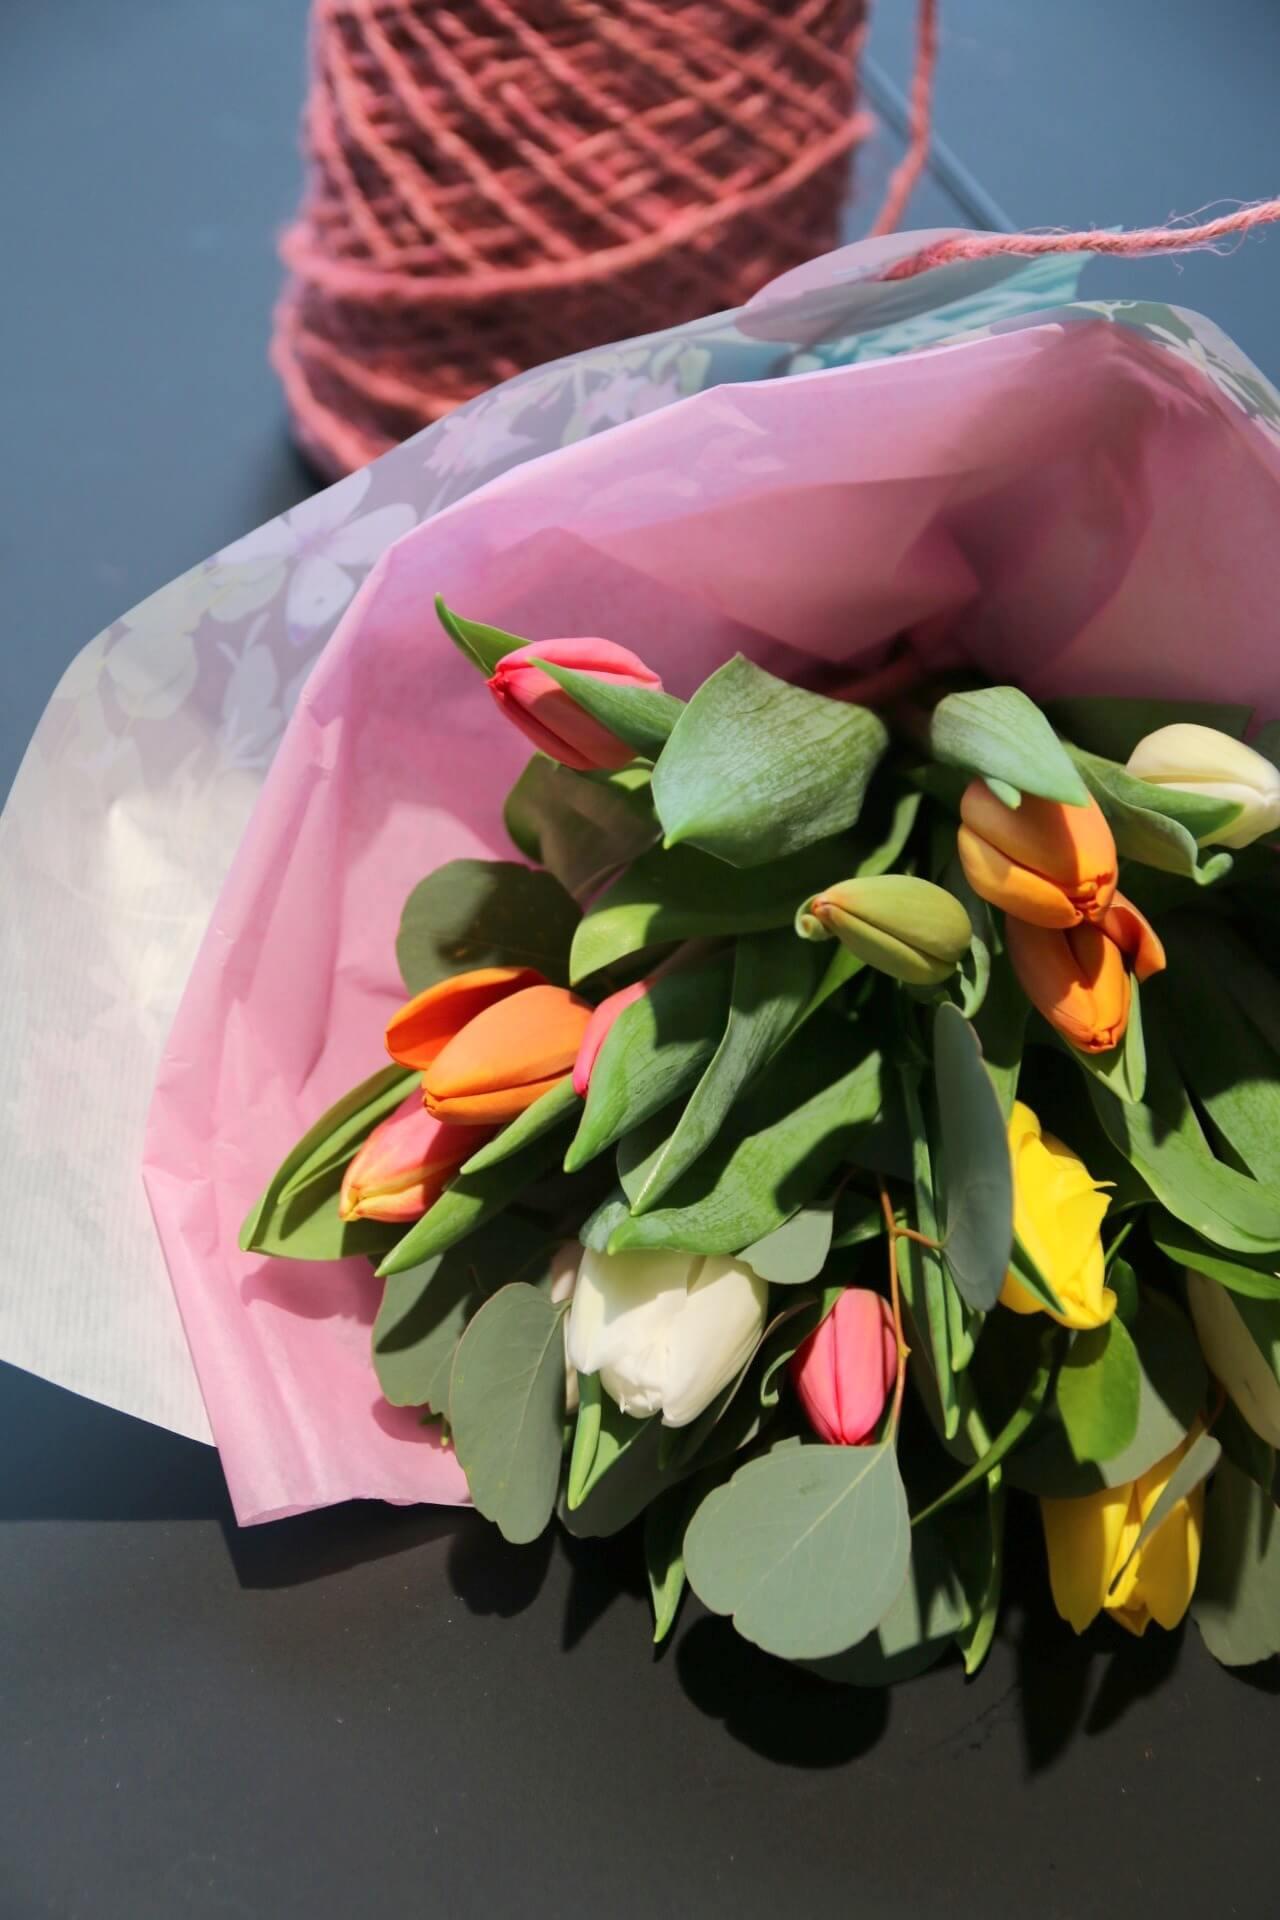 värikkäät tulppaanit on sidottu kimpuksi ja kääritty silkkipaperiin sekä sidottu juuttinarulla.